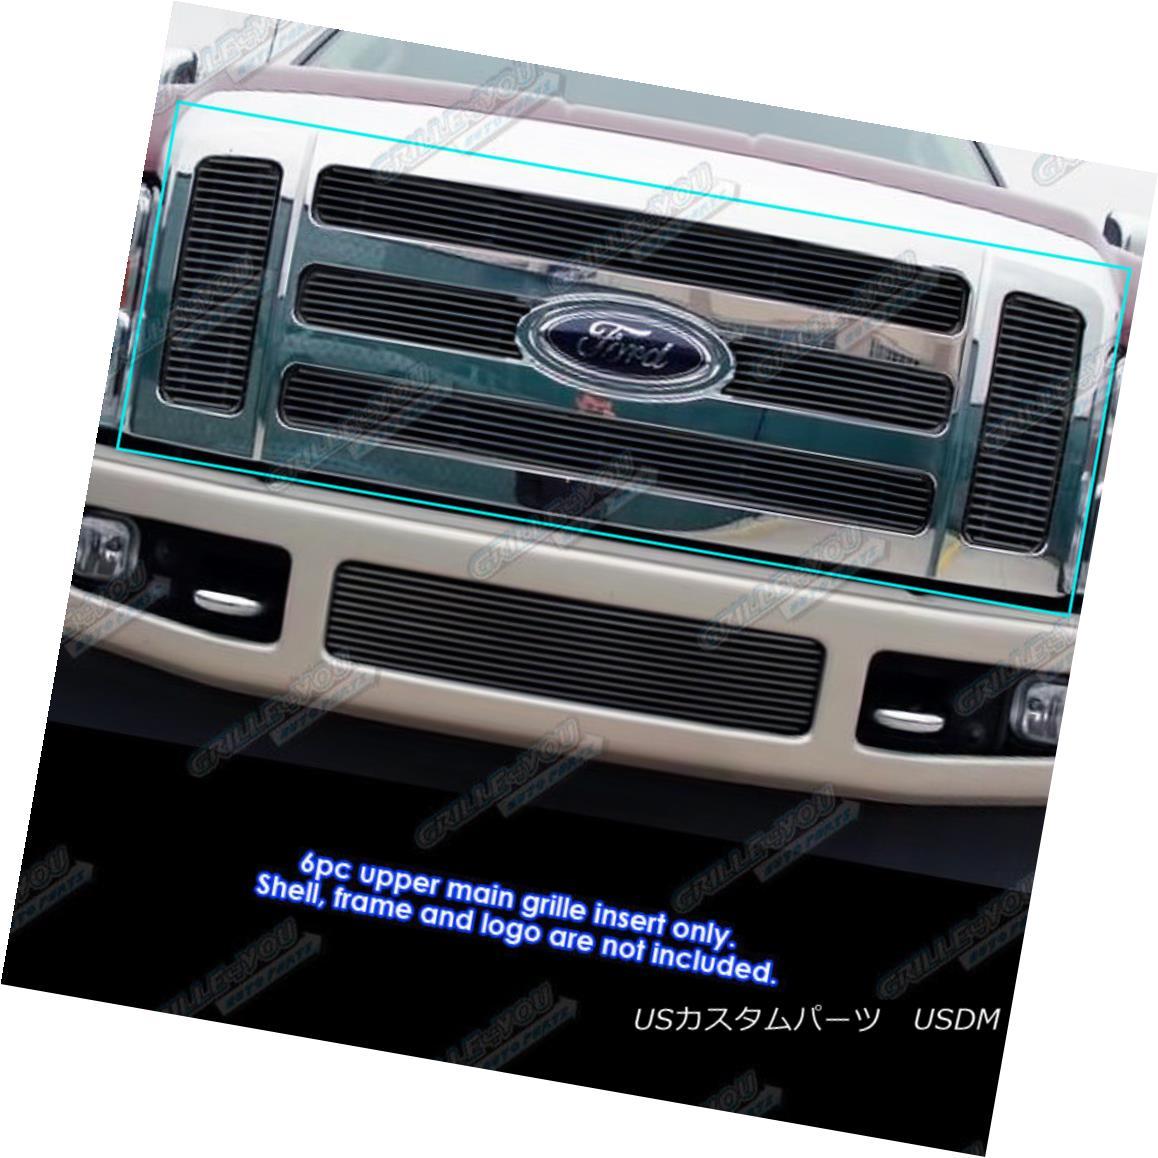 グリル Fits 08-10 Ford F-250/F-350 SD Black Main Upper Billet Grille Insert フィット08-10フォードF-250 / F-350 SDブラックメインアッパービレットグリルインサート